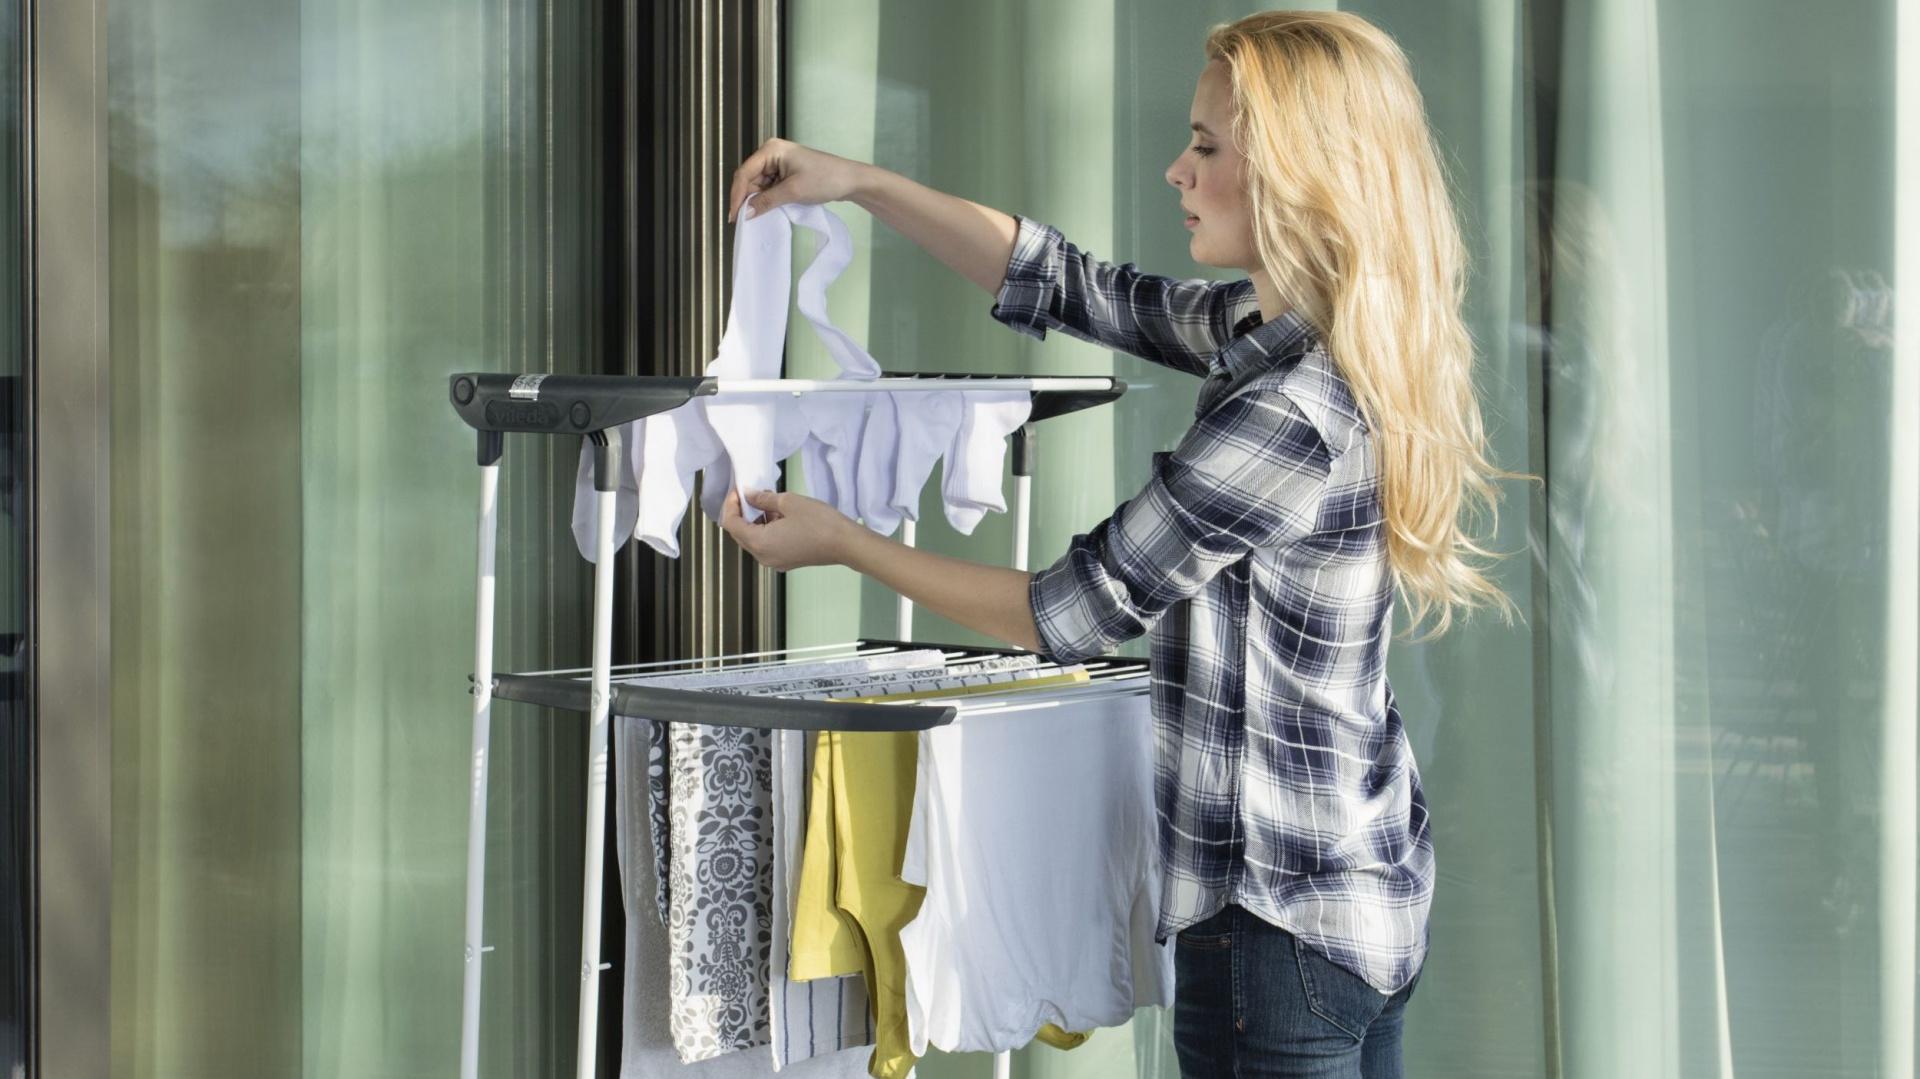 Suszenie prania na zewnątrz jest ekologiczne, a ubrania tak wysuszone świeże i wolniej się niszczą. Fot. Vileda